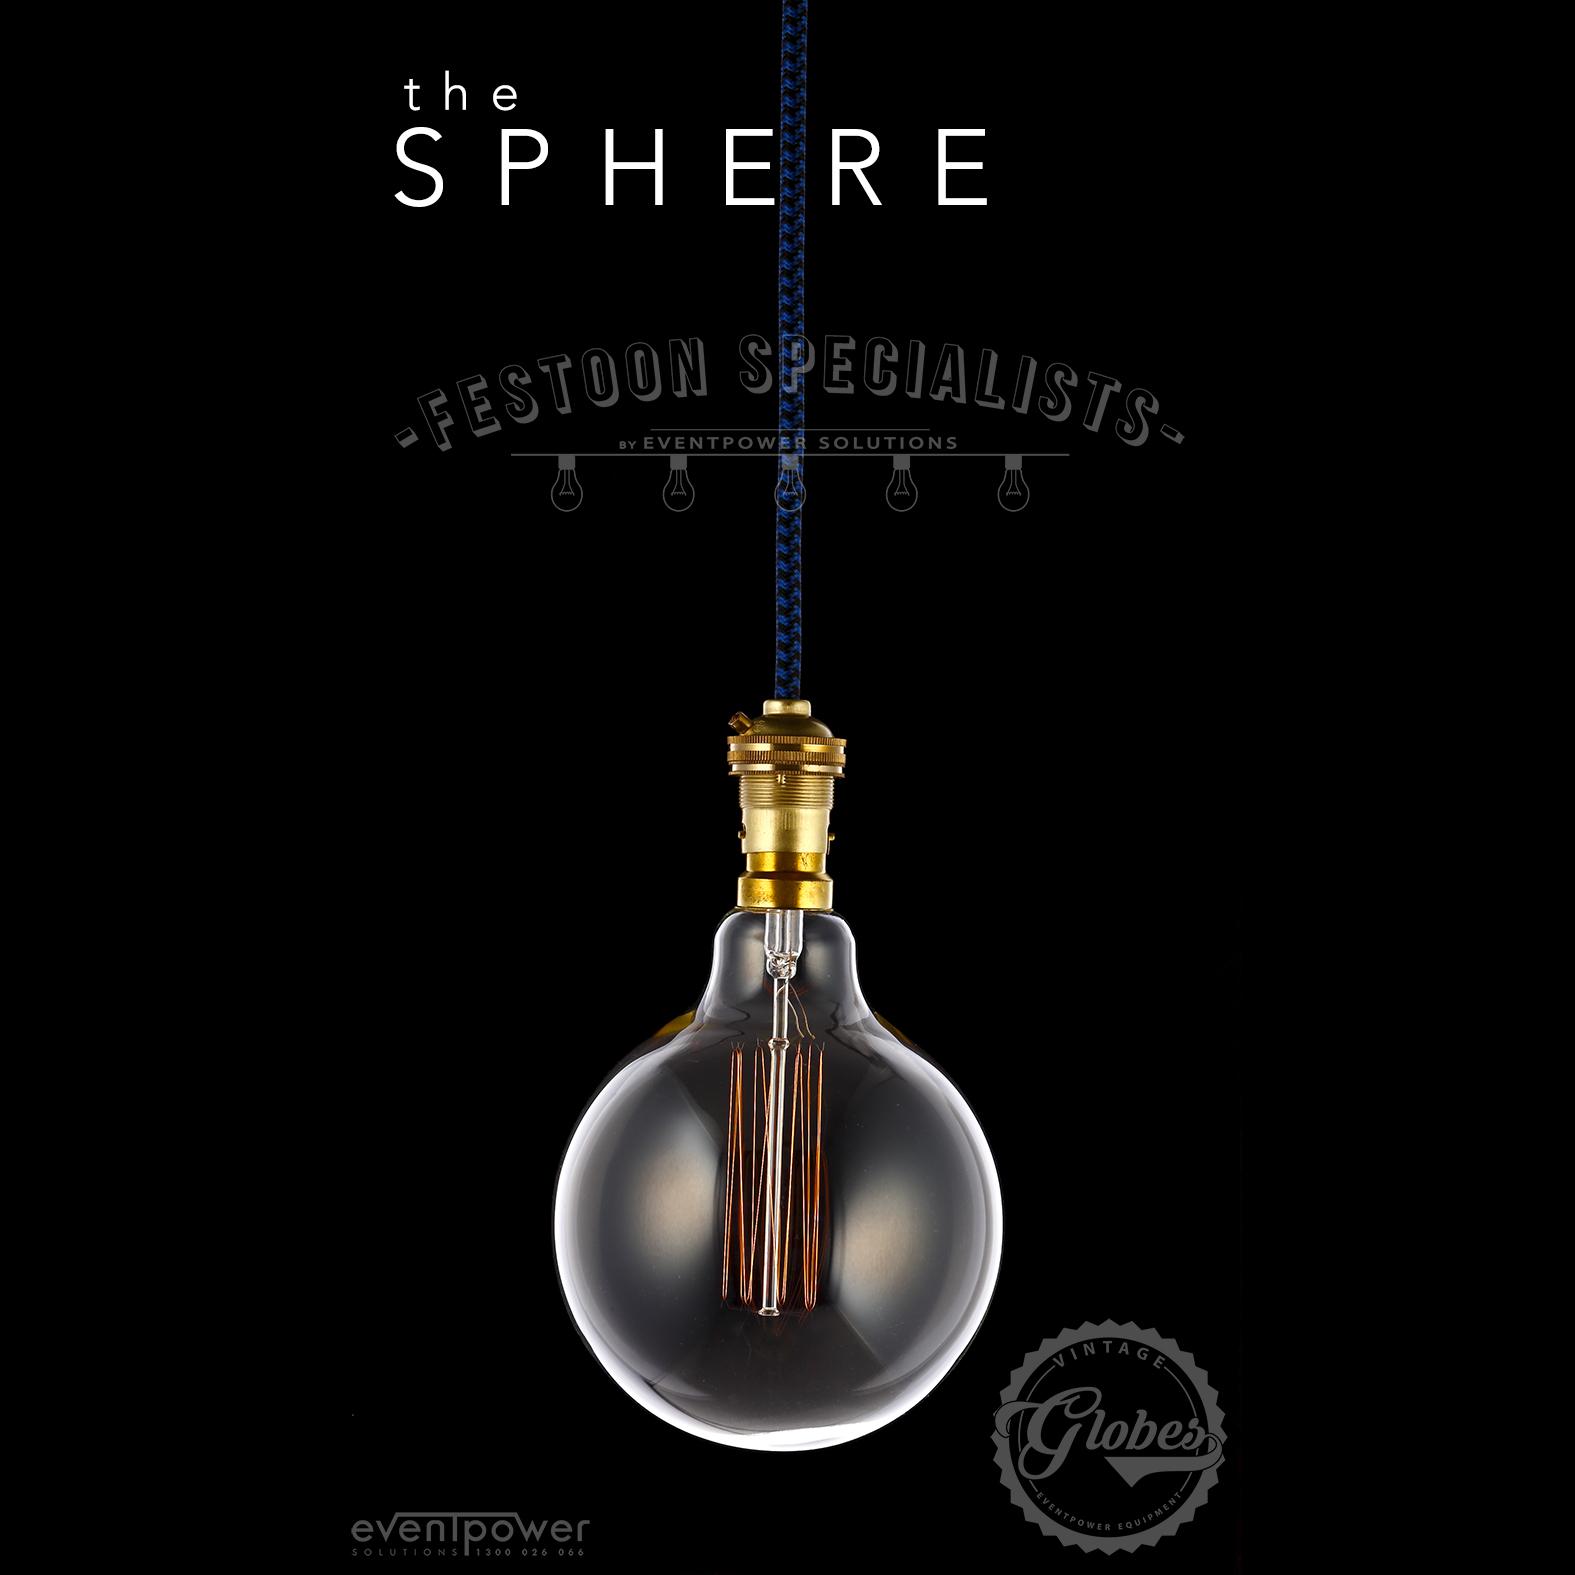 Festoon_Specialists-Sphere.jpg